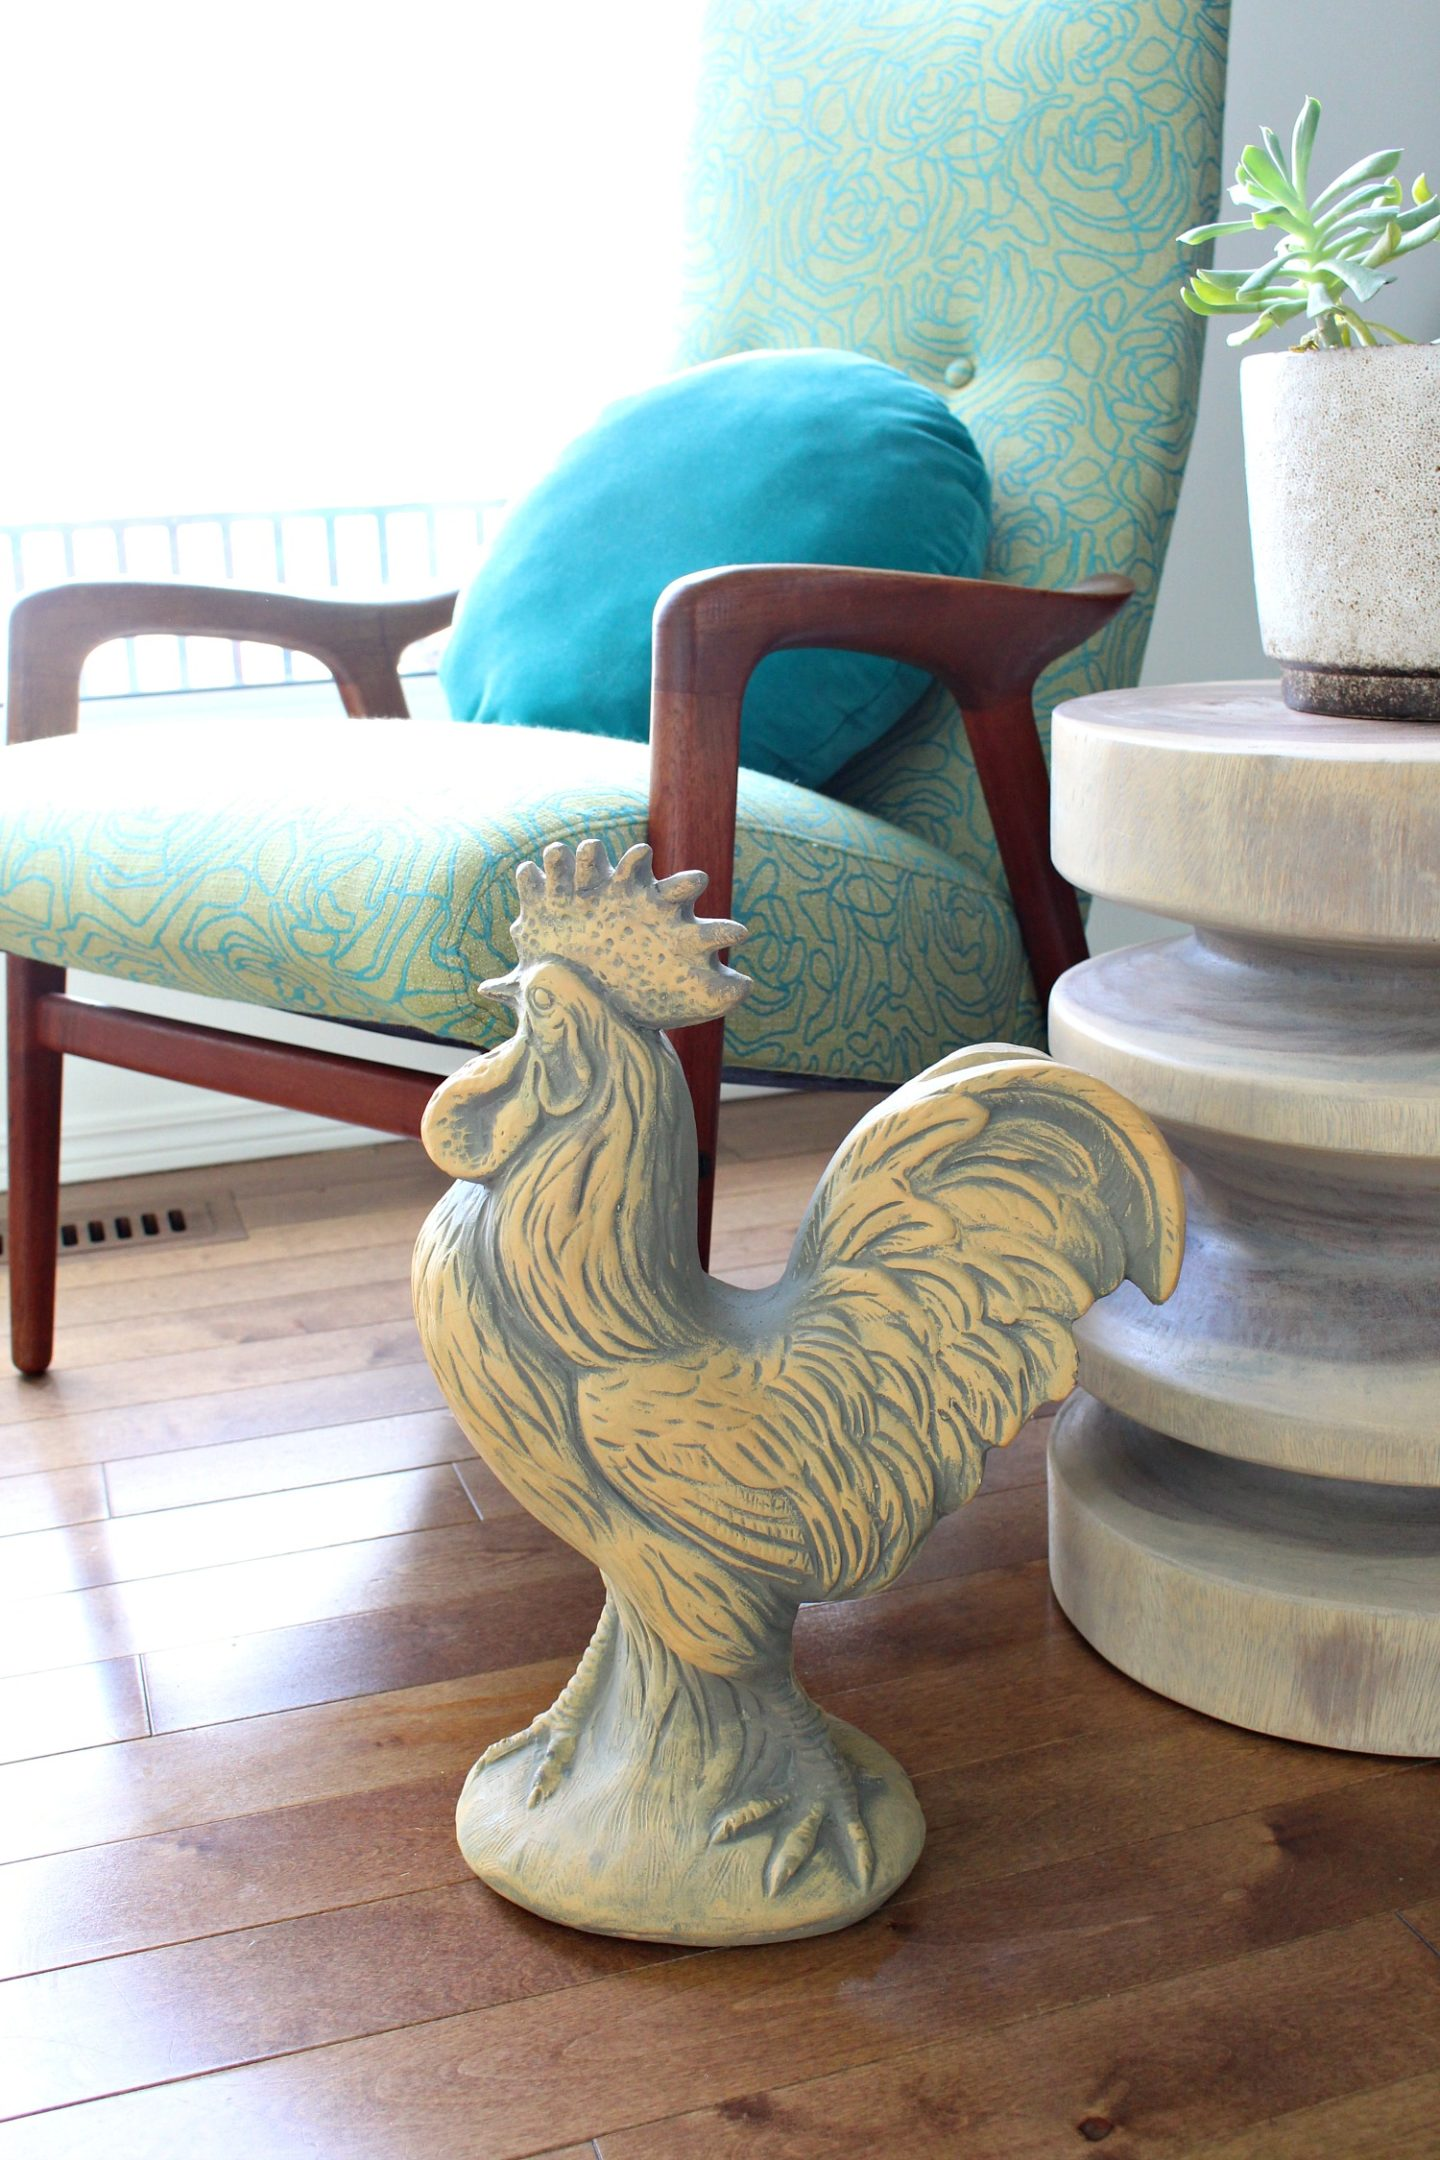 Plaster Rooster Sculpture